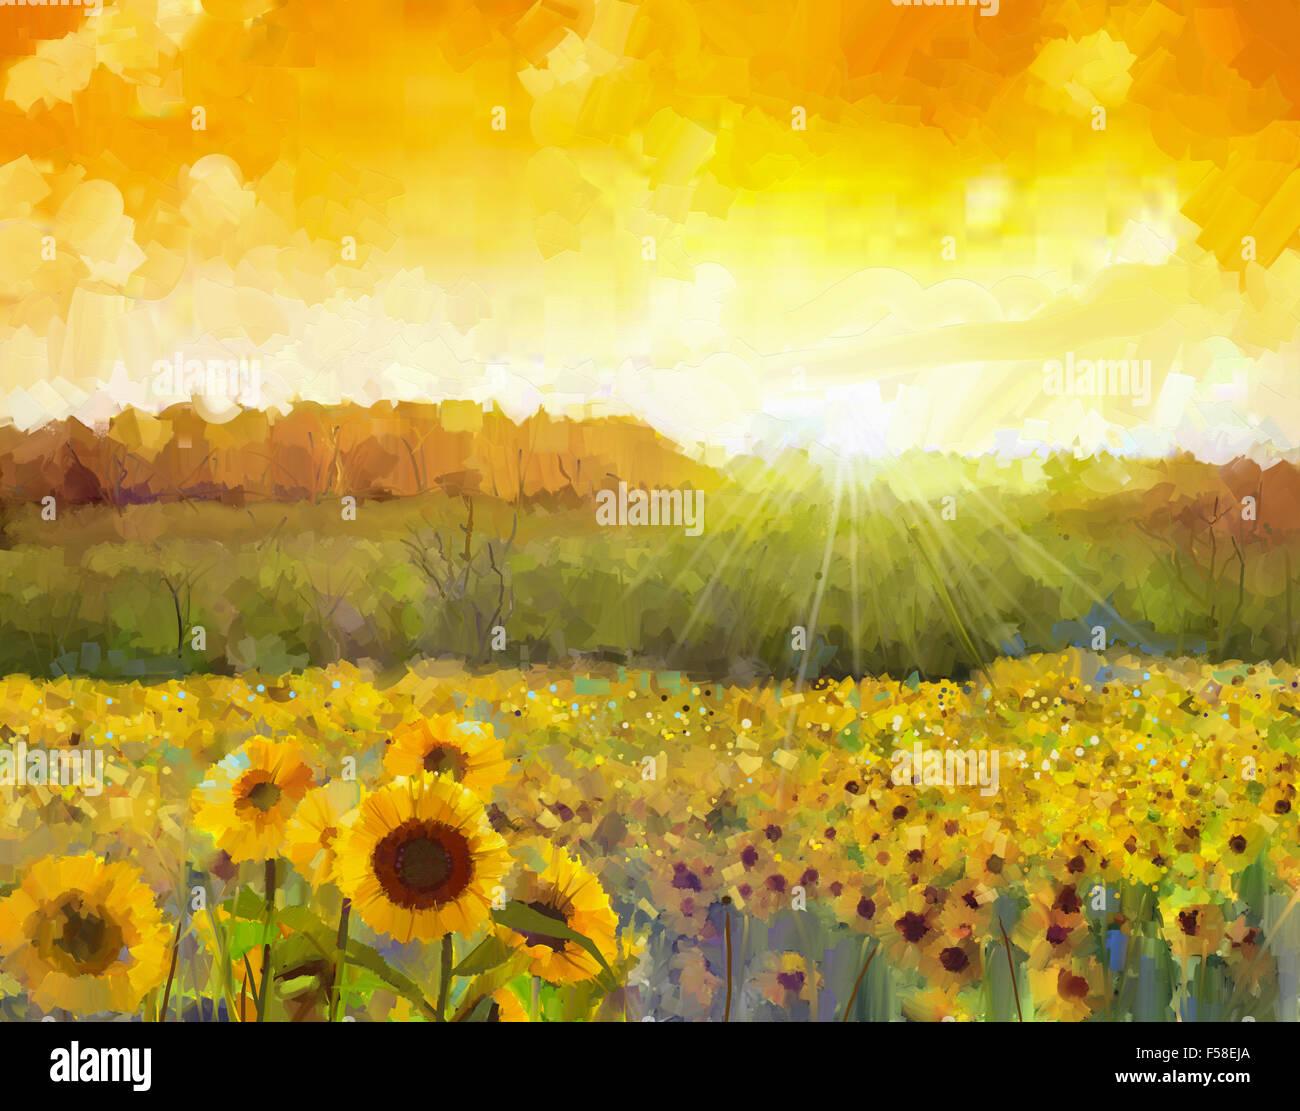 Fiori di girasole fiore. Dipinto ad Olio di un tramonto rurali ...